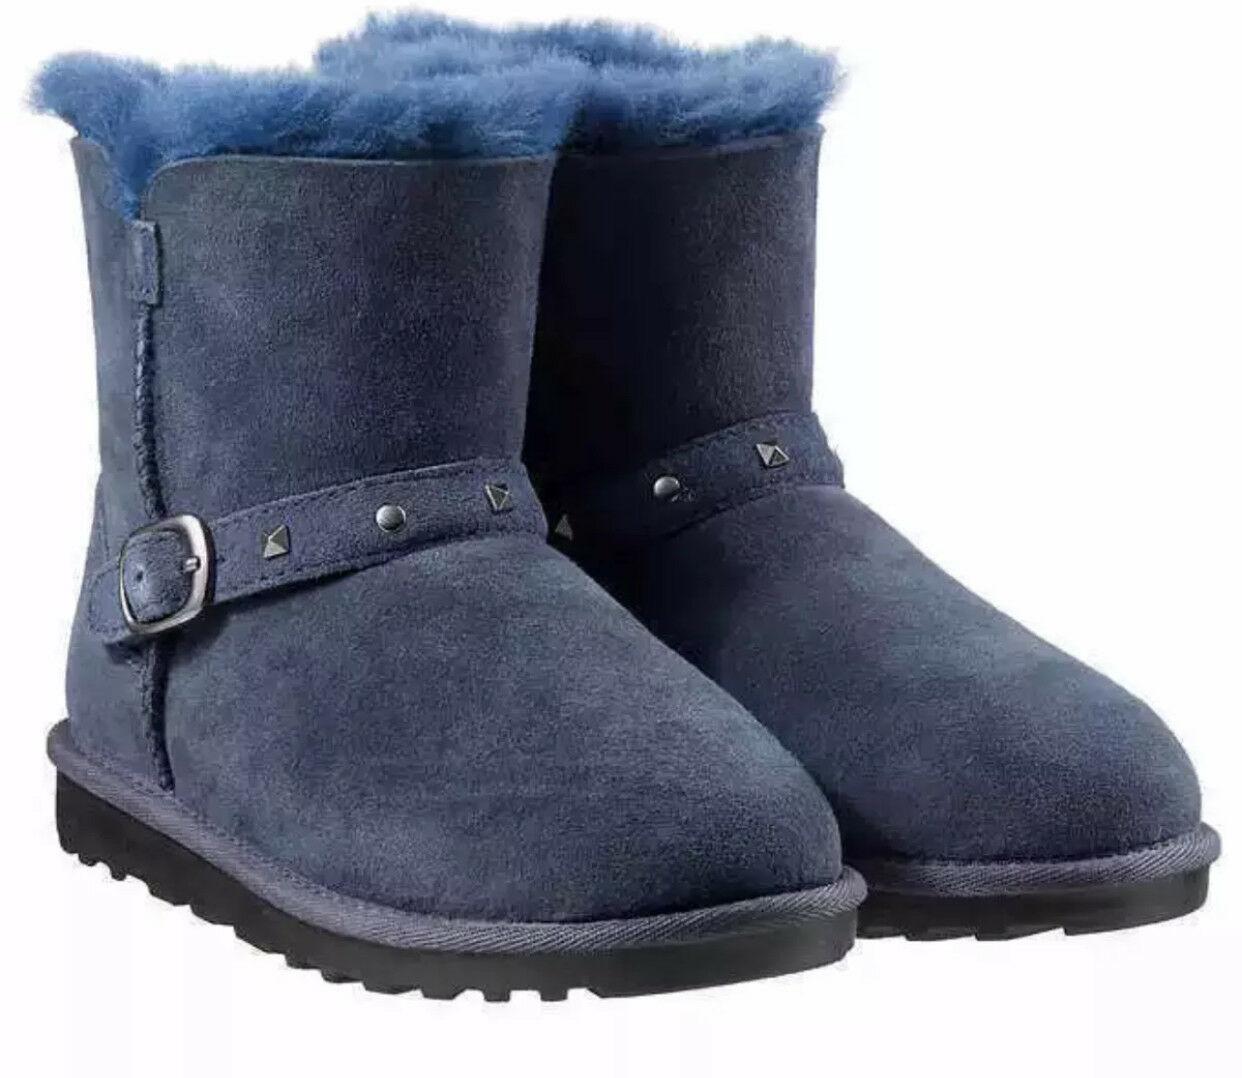 Australian Sheepskin Woollen Ugg Boots Kids Slippers